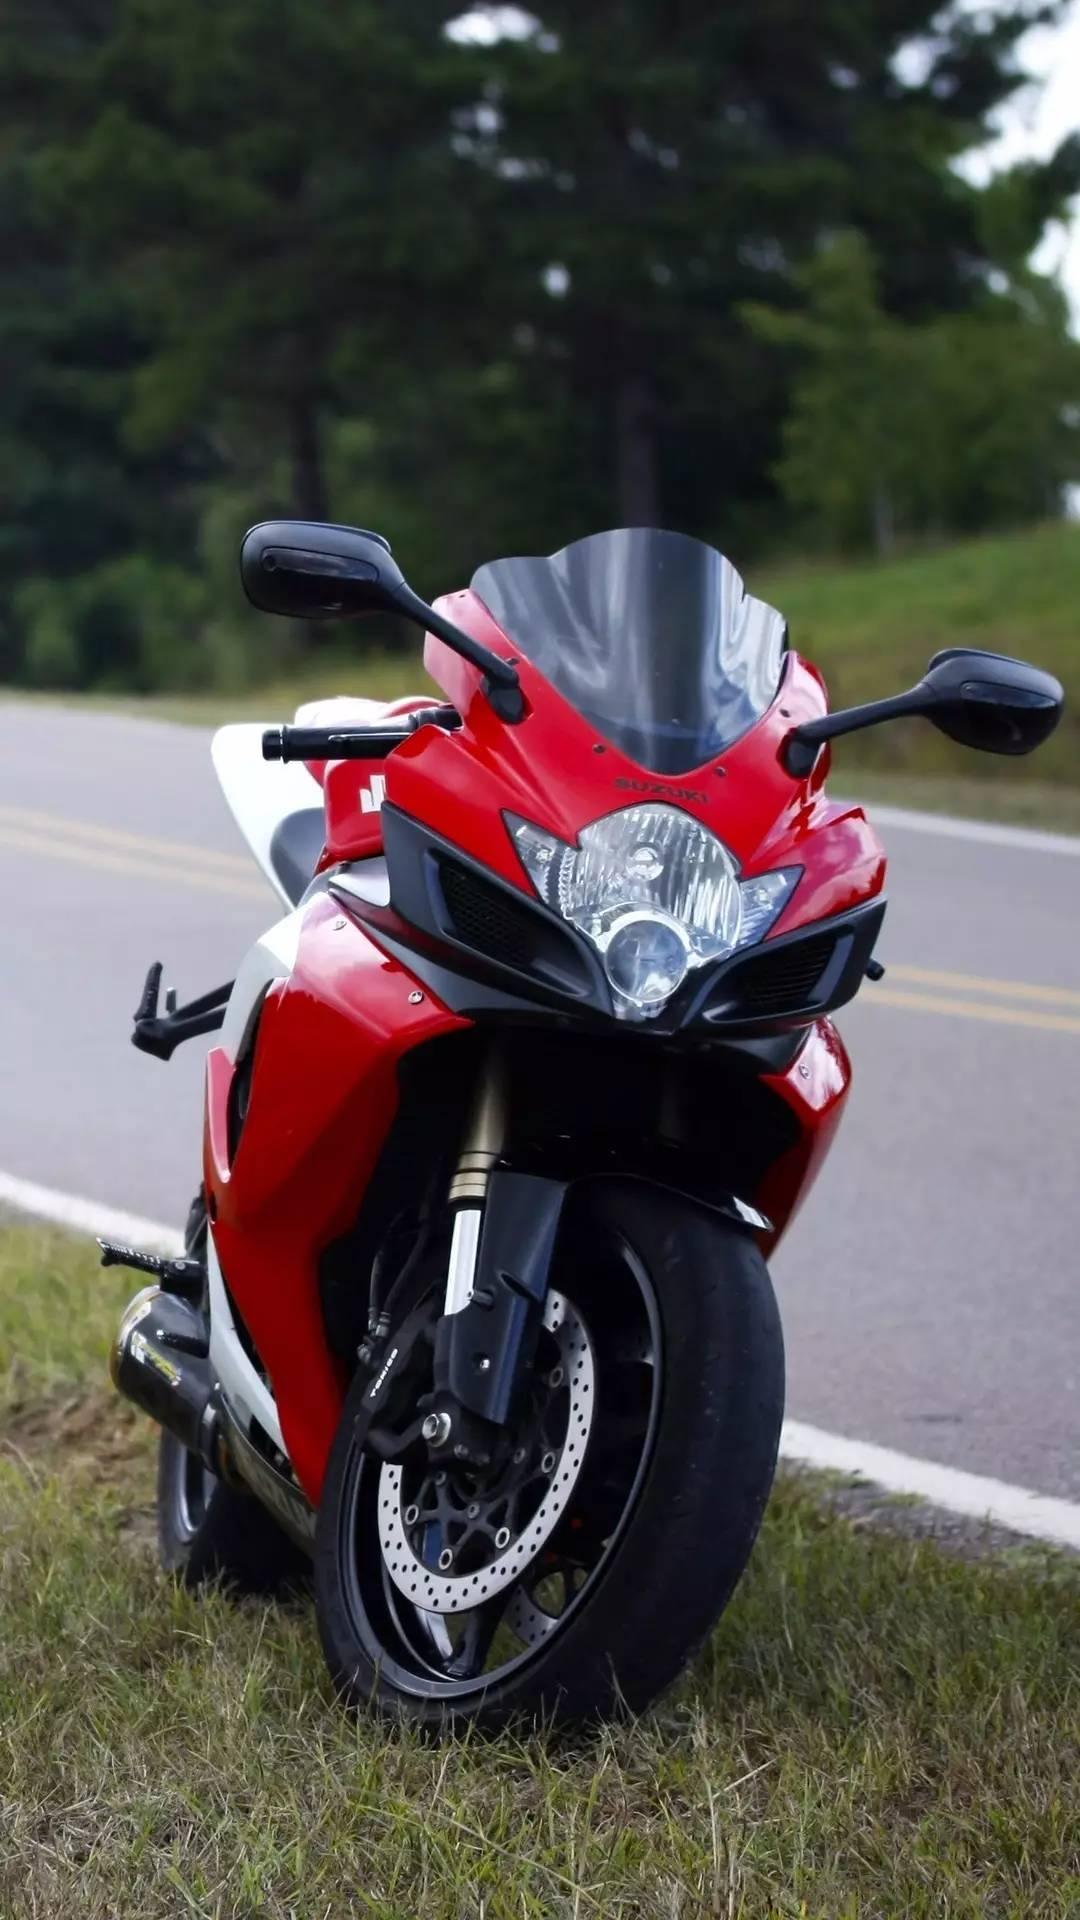 铃木摩托车 手机壁纸